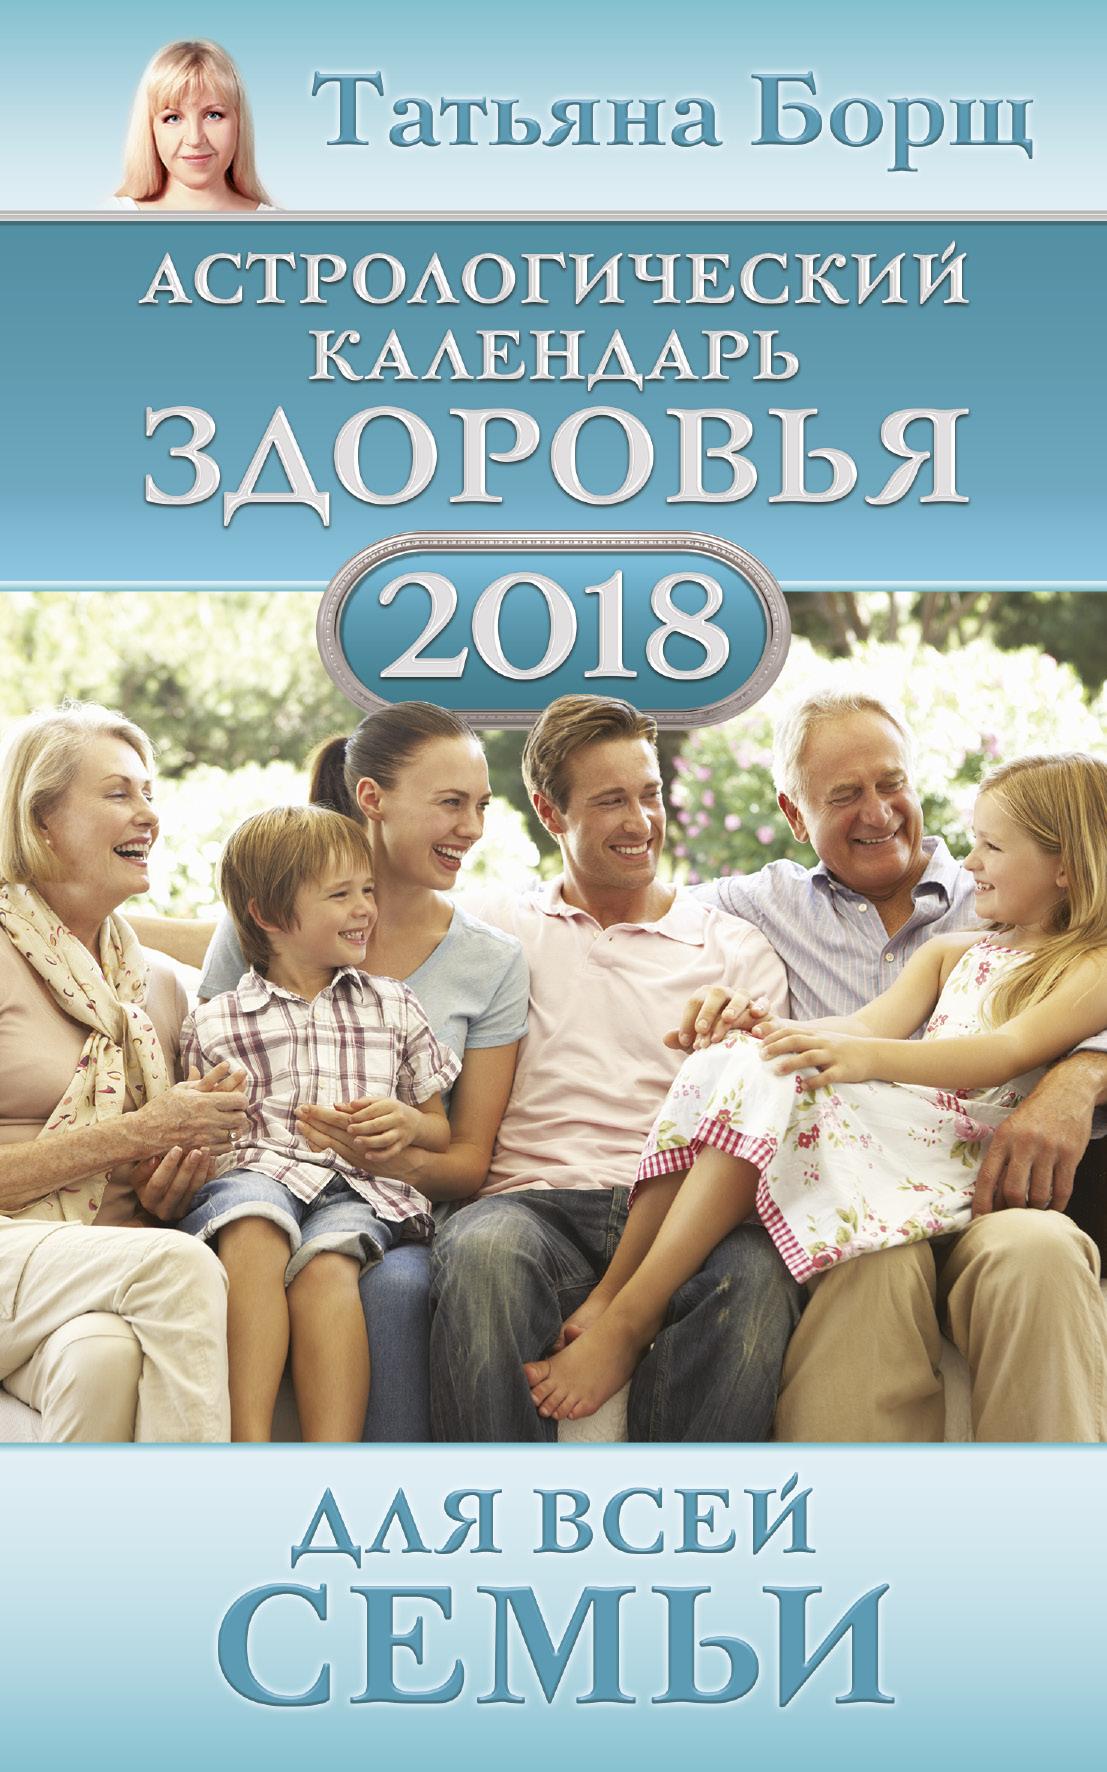 Татьяна Борщ Астрологический календарь здоровья для всей семьи на 2018 год татьяна борщ астрологический календарь здоровья для всей семьи на 2017 год